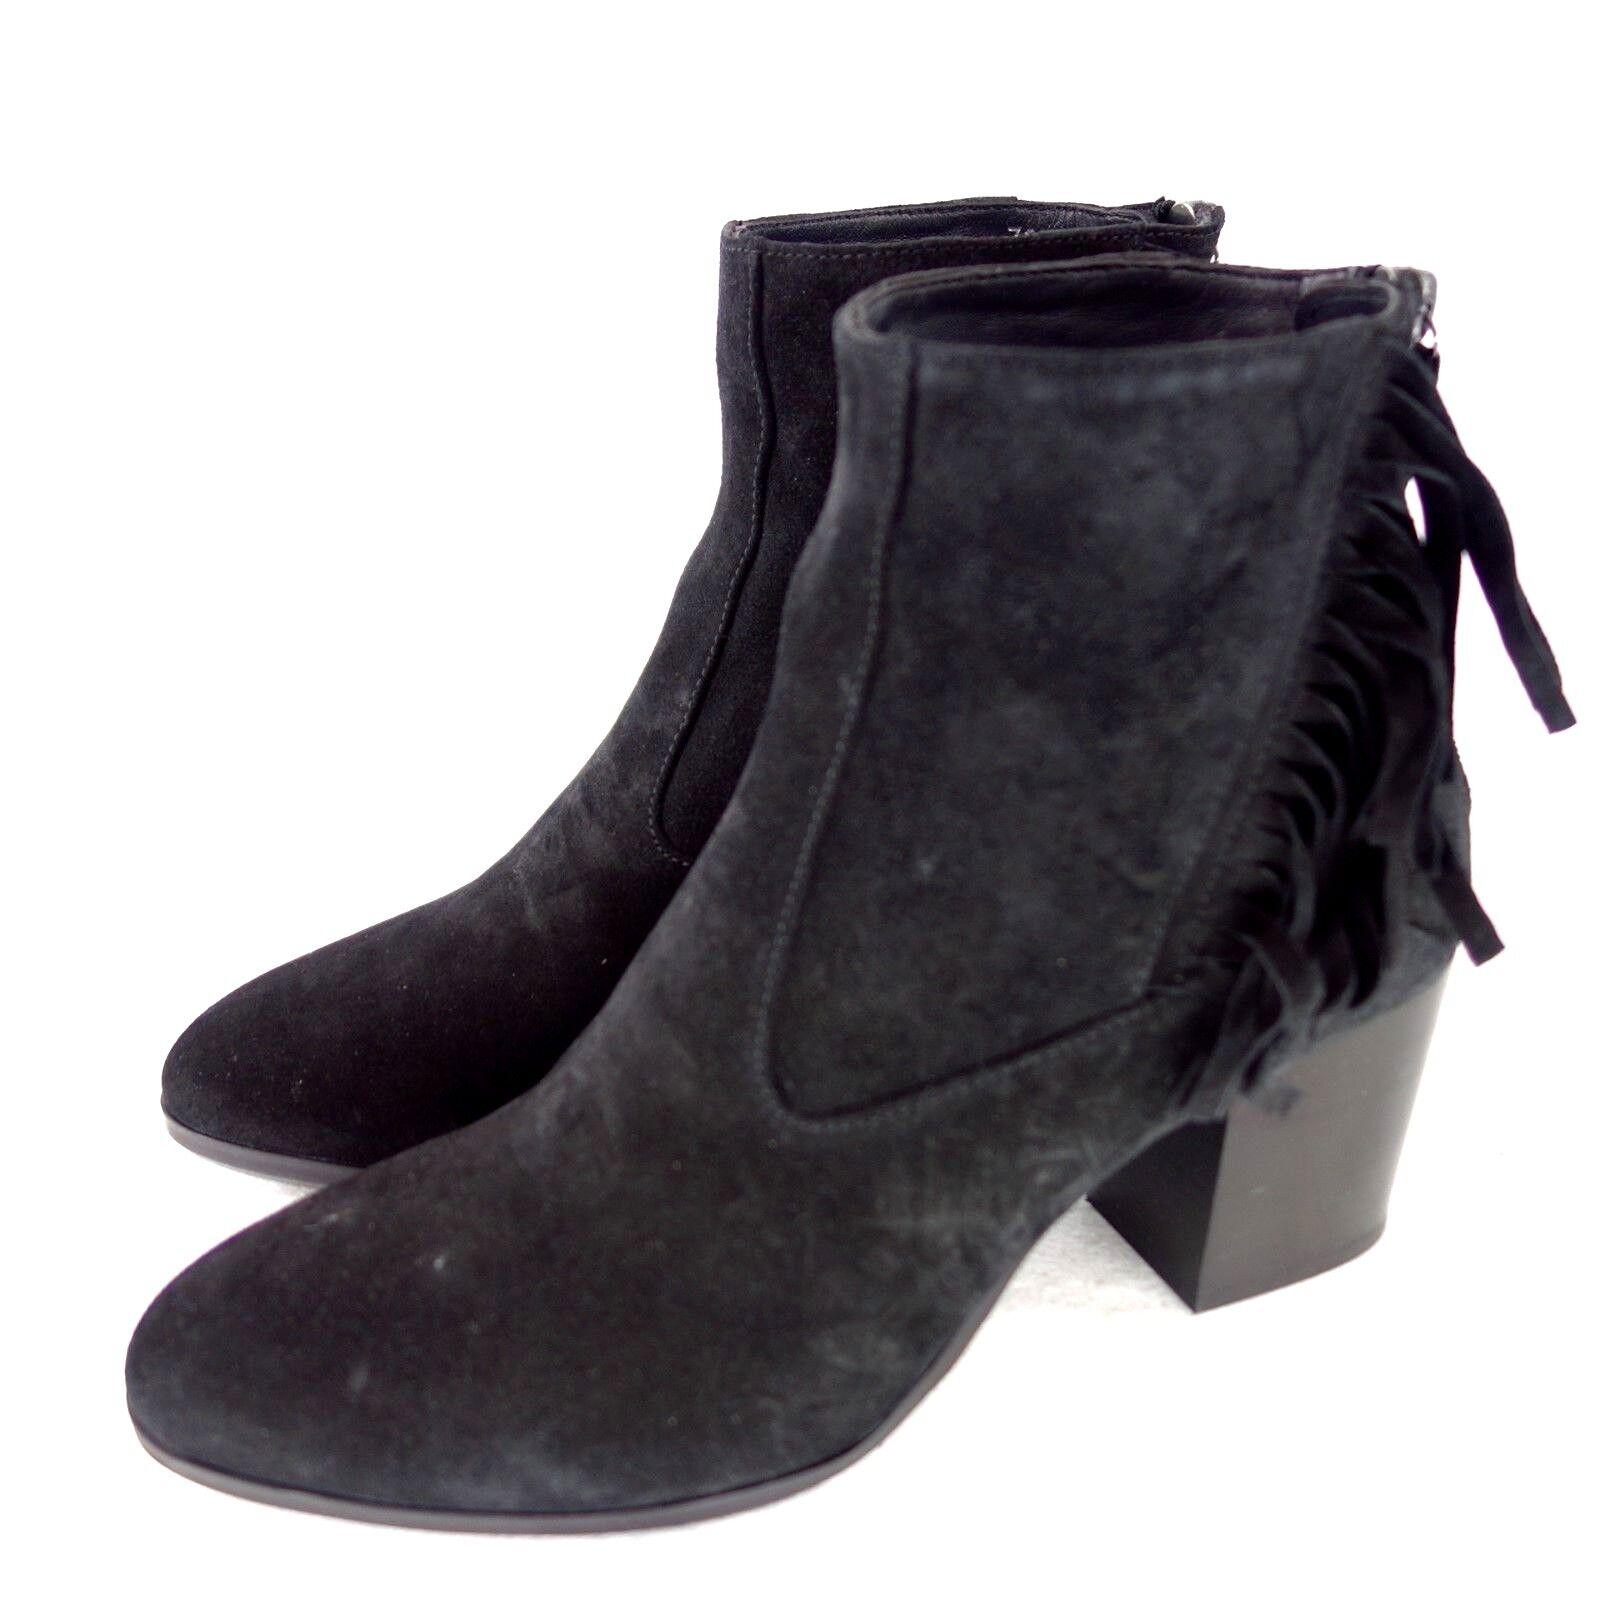 Homers Botas Botines Mujer Zapatos Botines Botas Piel Negro Piel de ante Np 285 Nuevo a15bfd